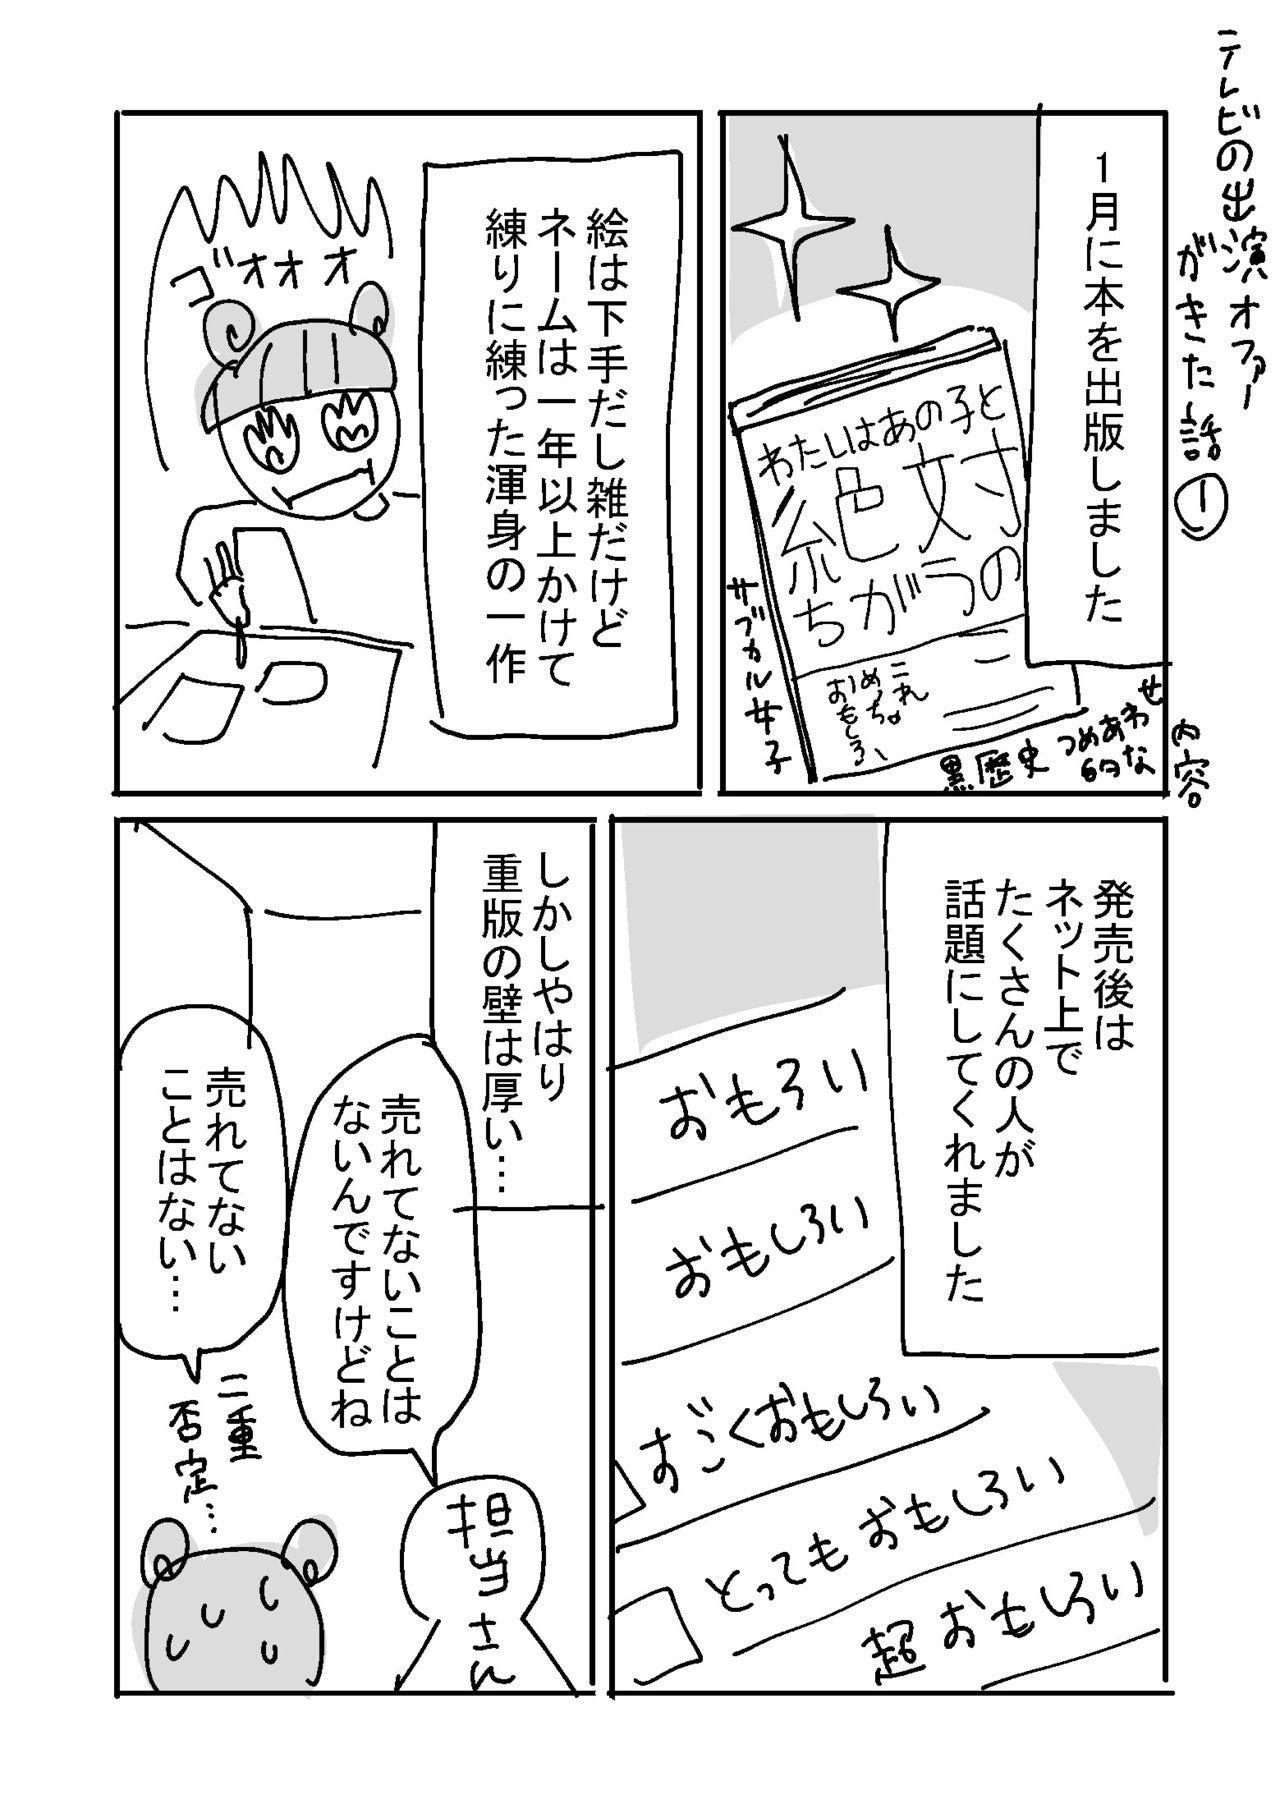 テレビの話_001